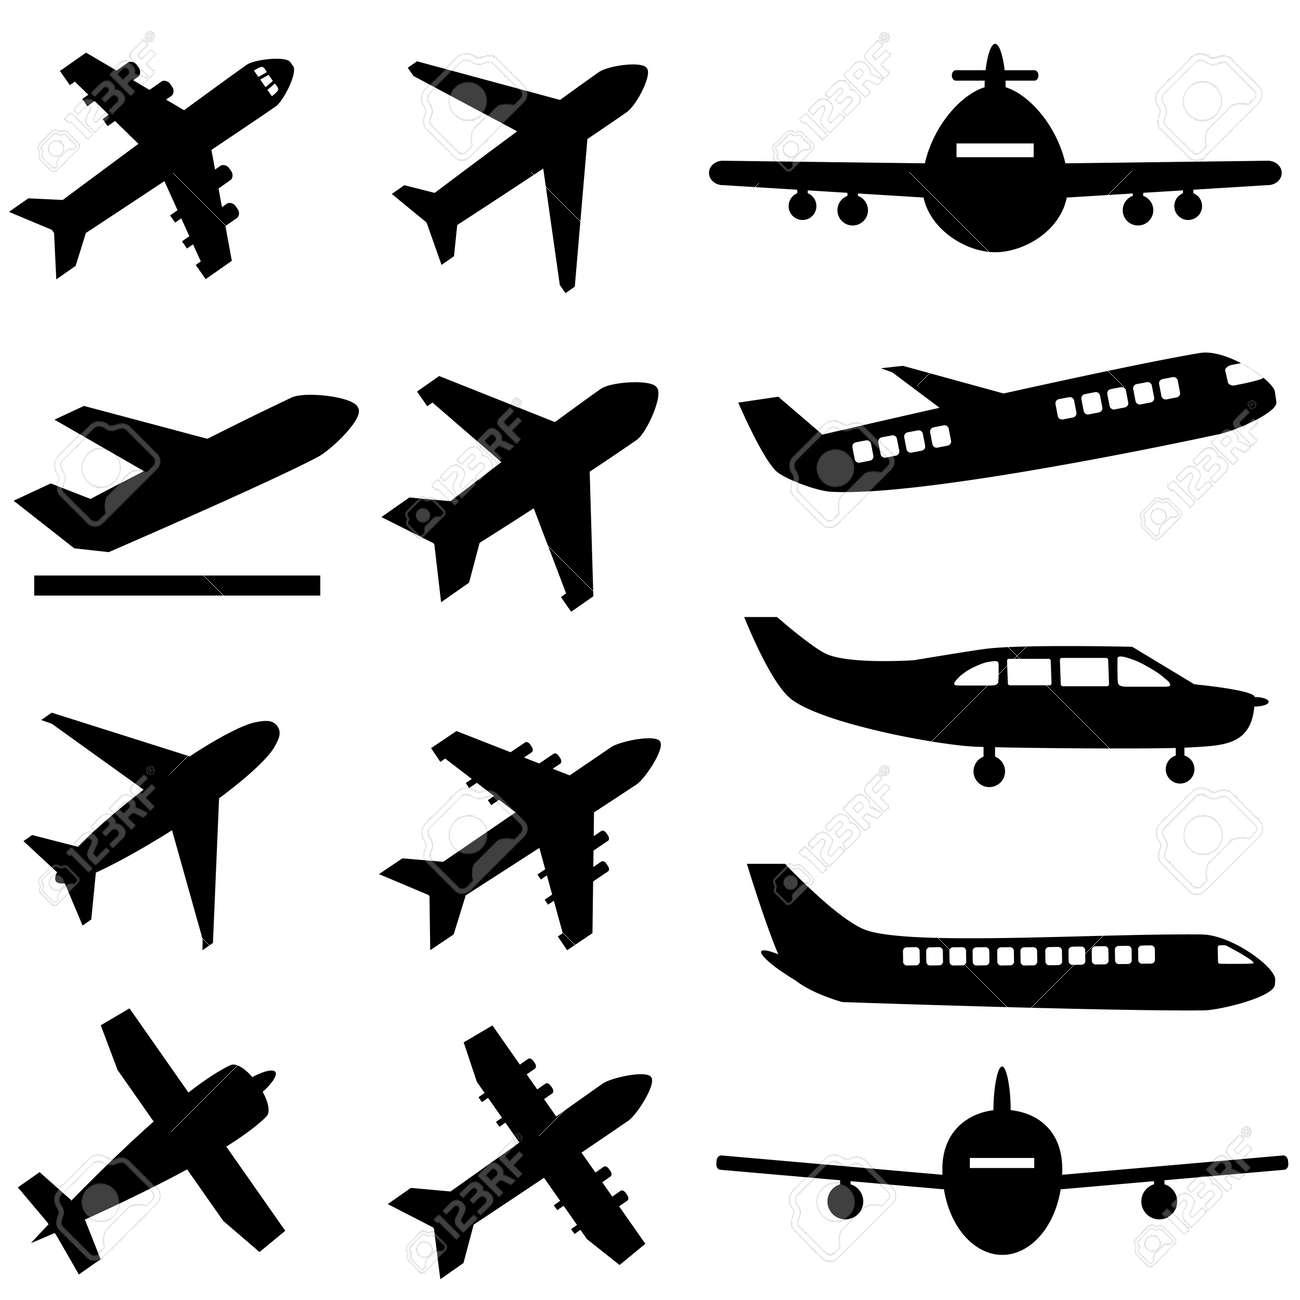 Various planes in black - 27563893